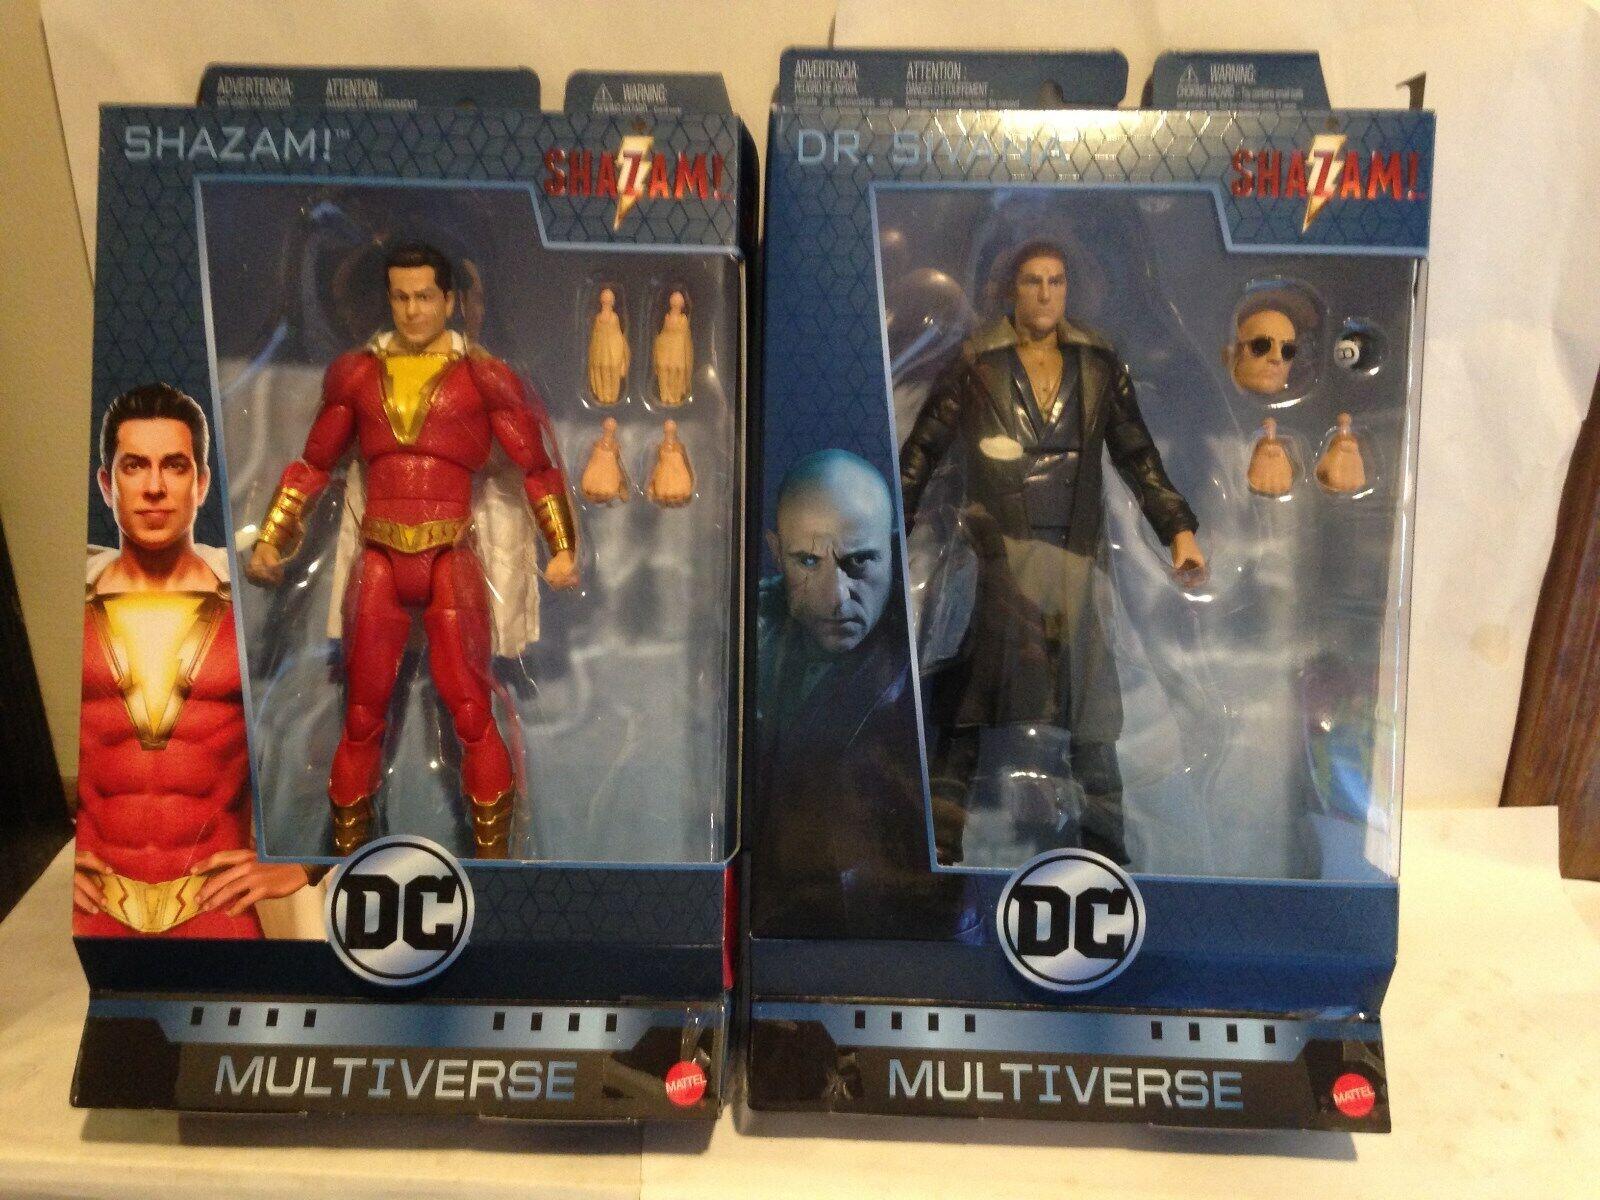 2019 DC Multiverse qué demonios y Dr. Sivana figuras de acción sin usar, en Caja Mattel Figuras Película